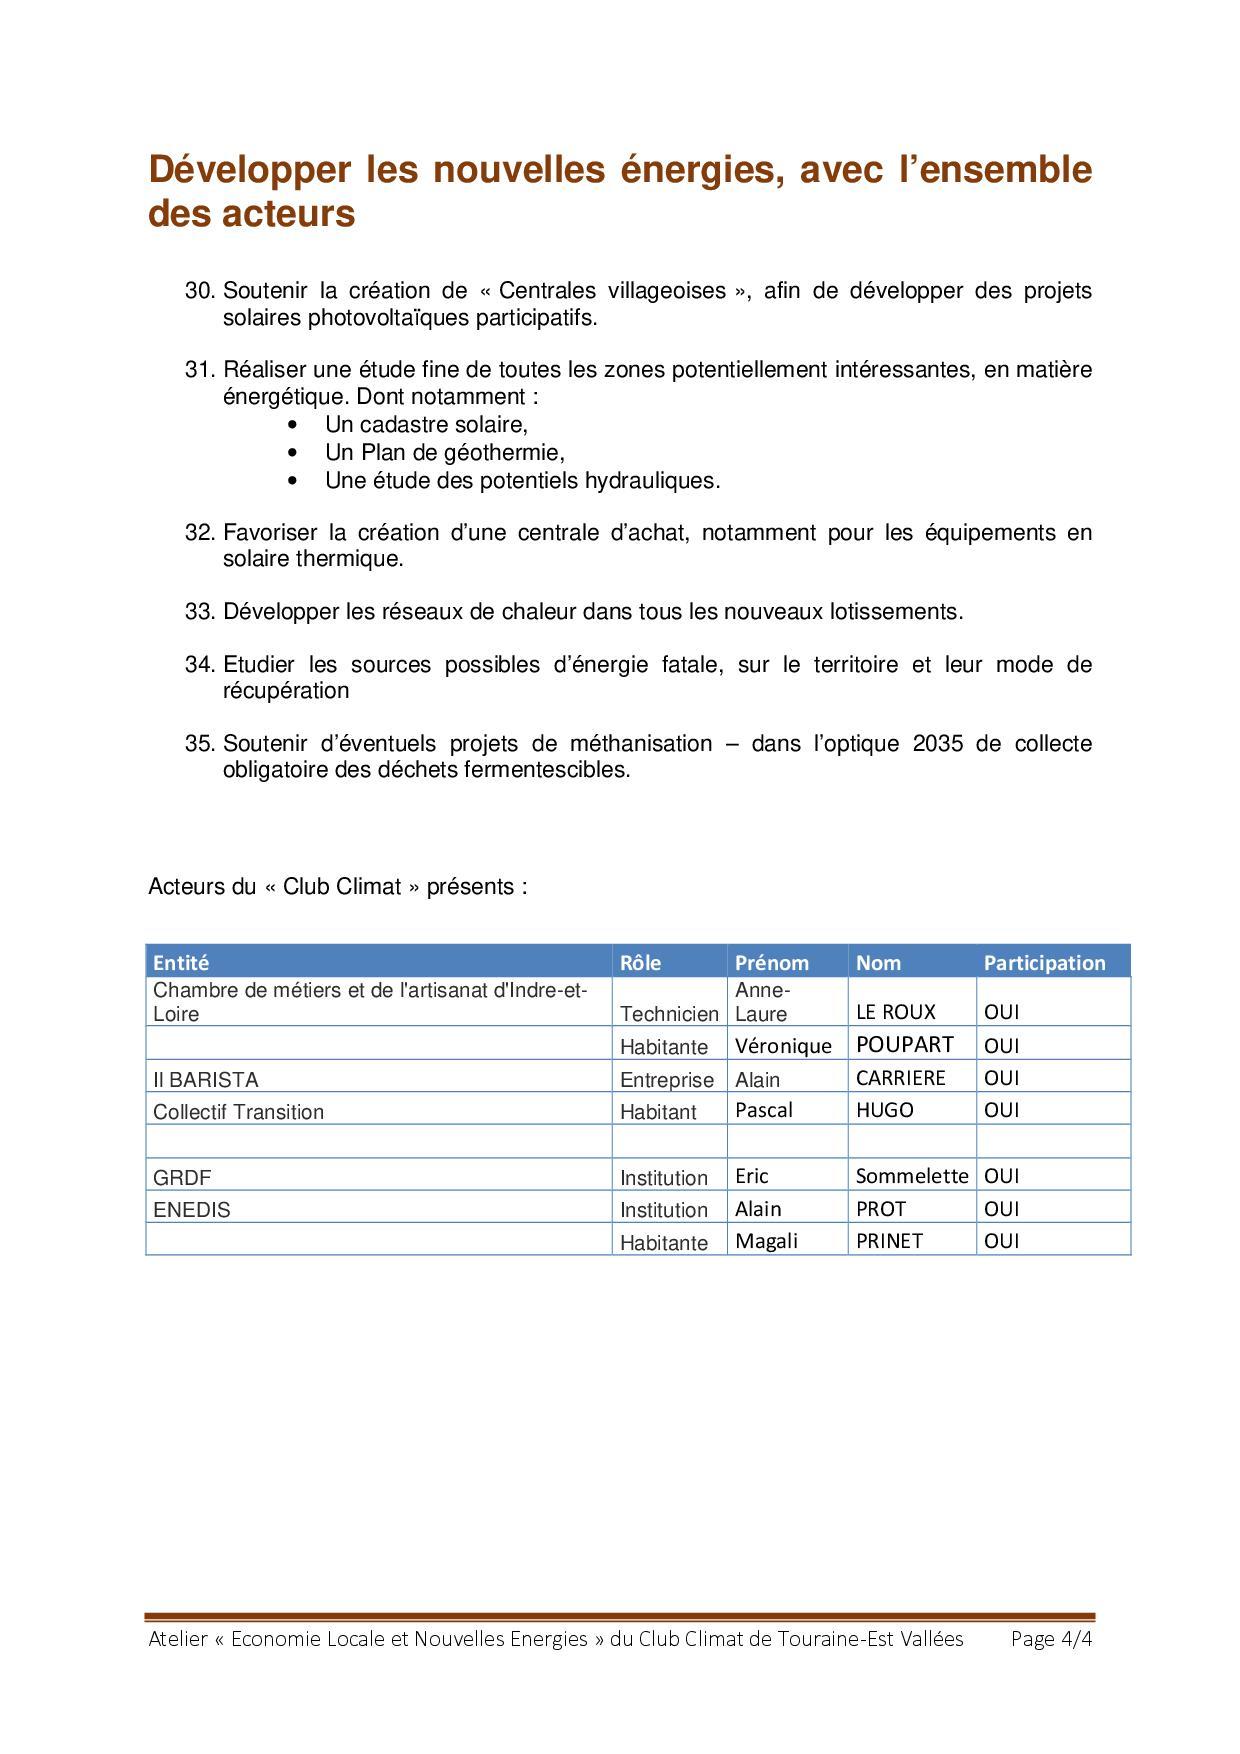 CR_Atelier_4_economie_locale_nouvelles_energies_v24